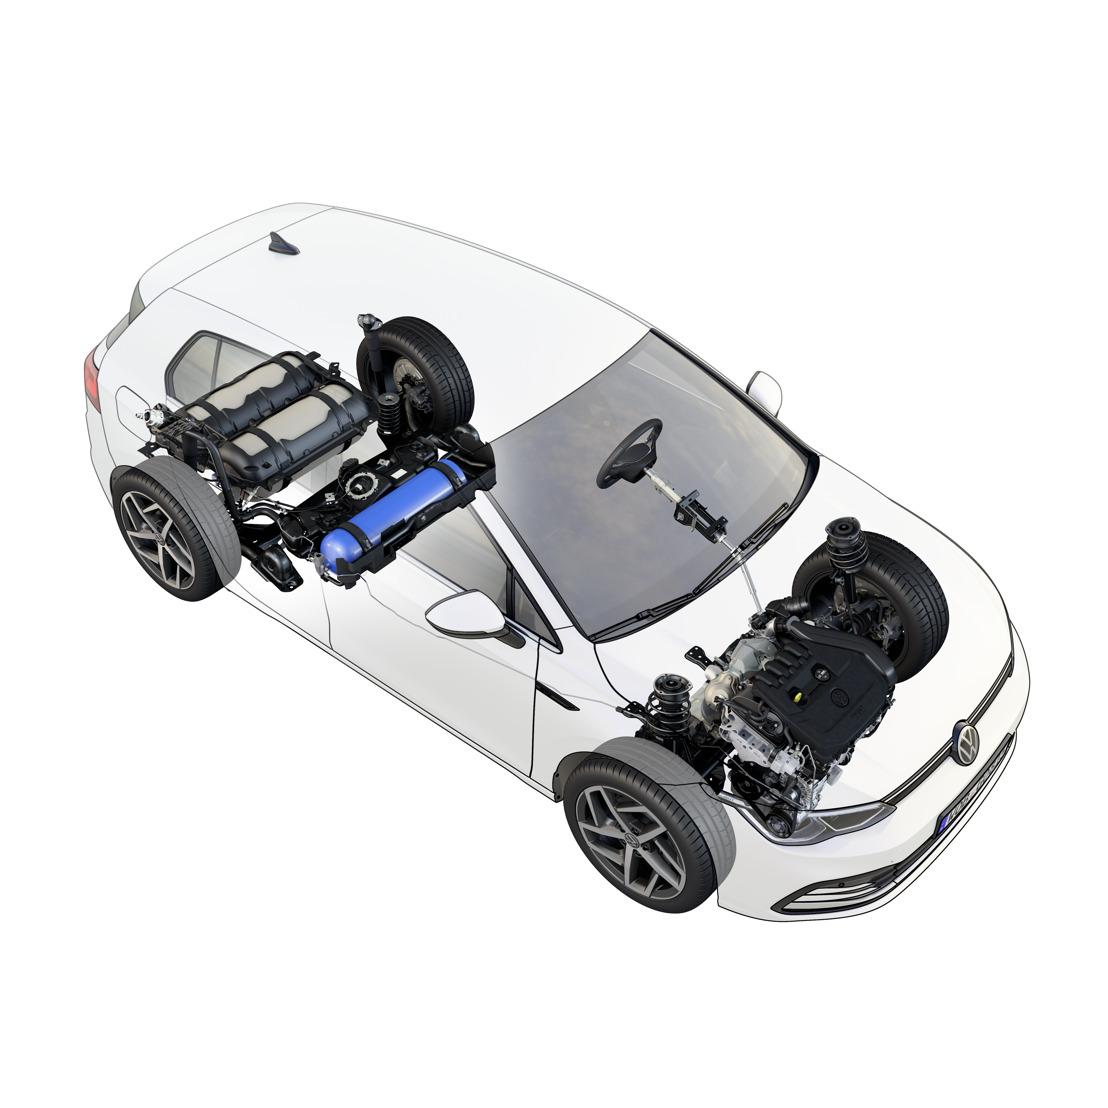 De nieuwe Golf nu beschikbaar in de TGI-versie op aardgas